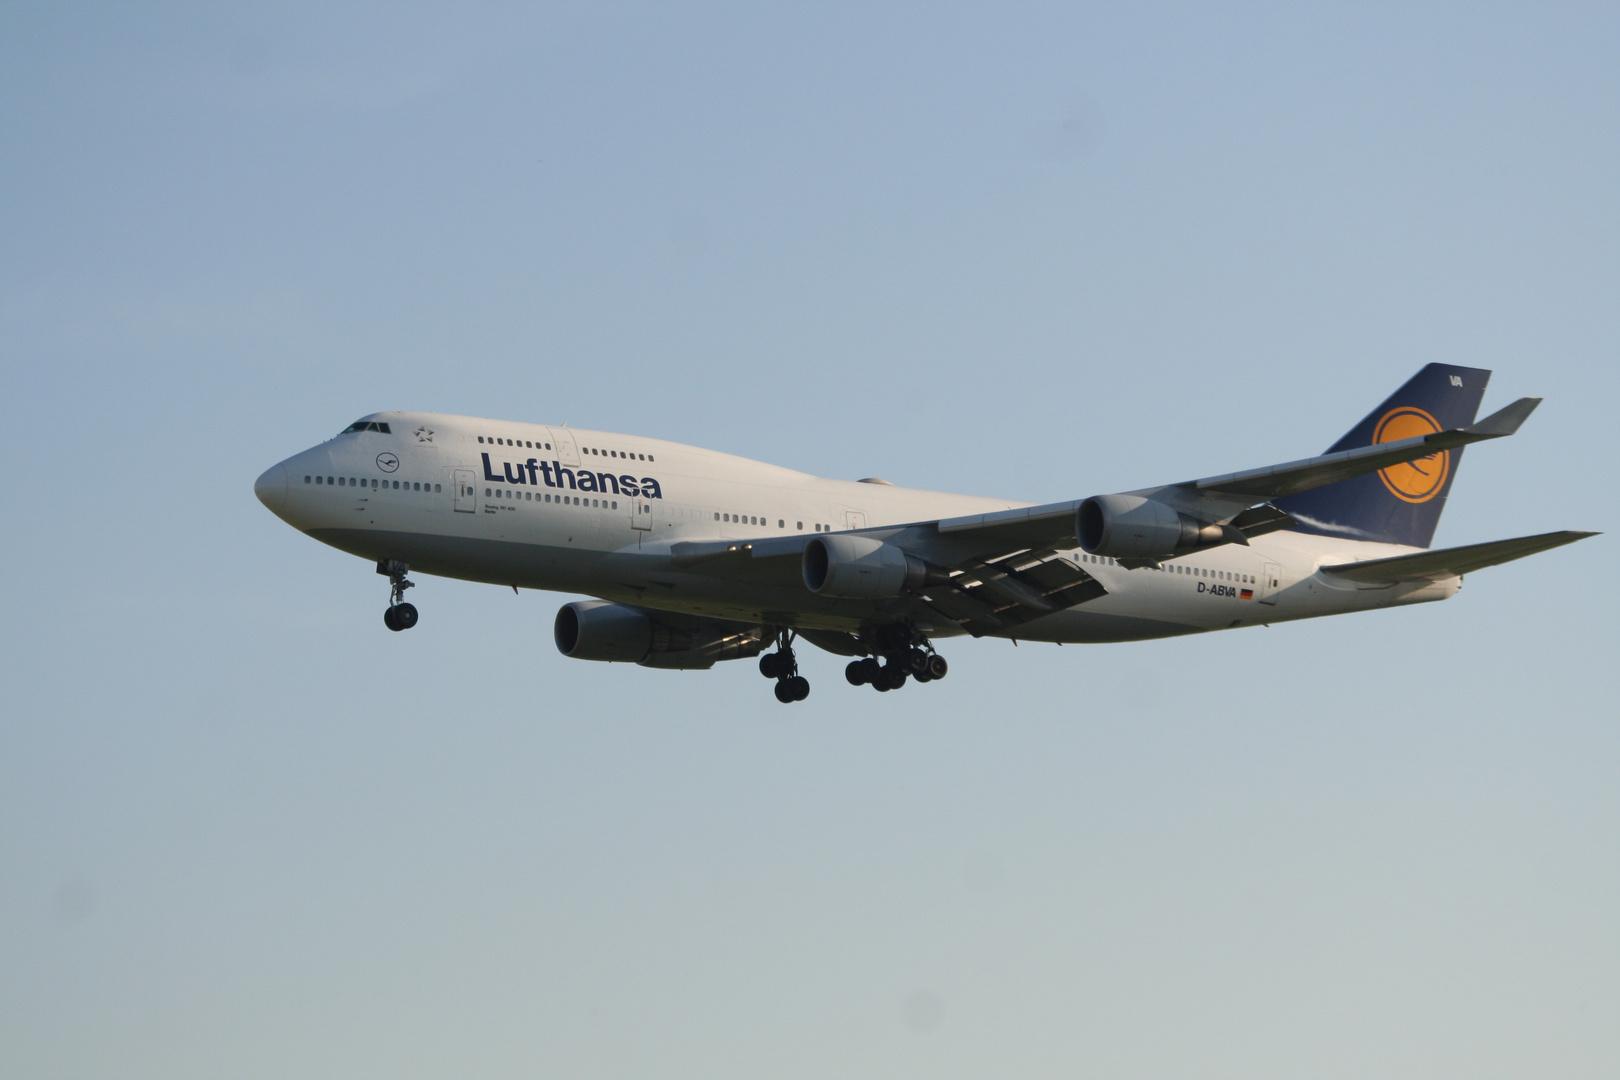 Boeing 747-400 der Lufthansa (D-ABVA)